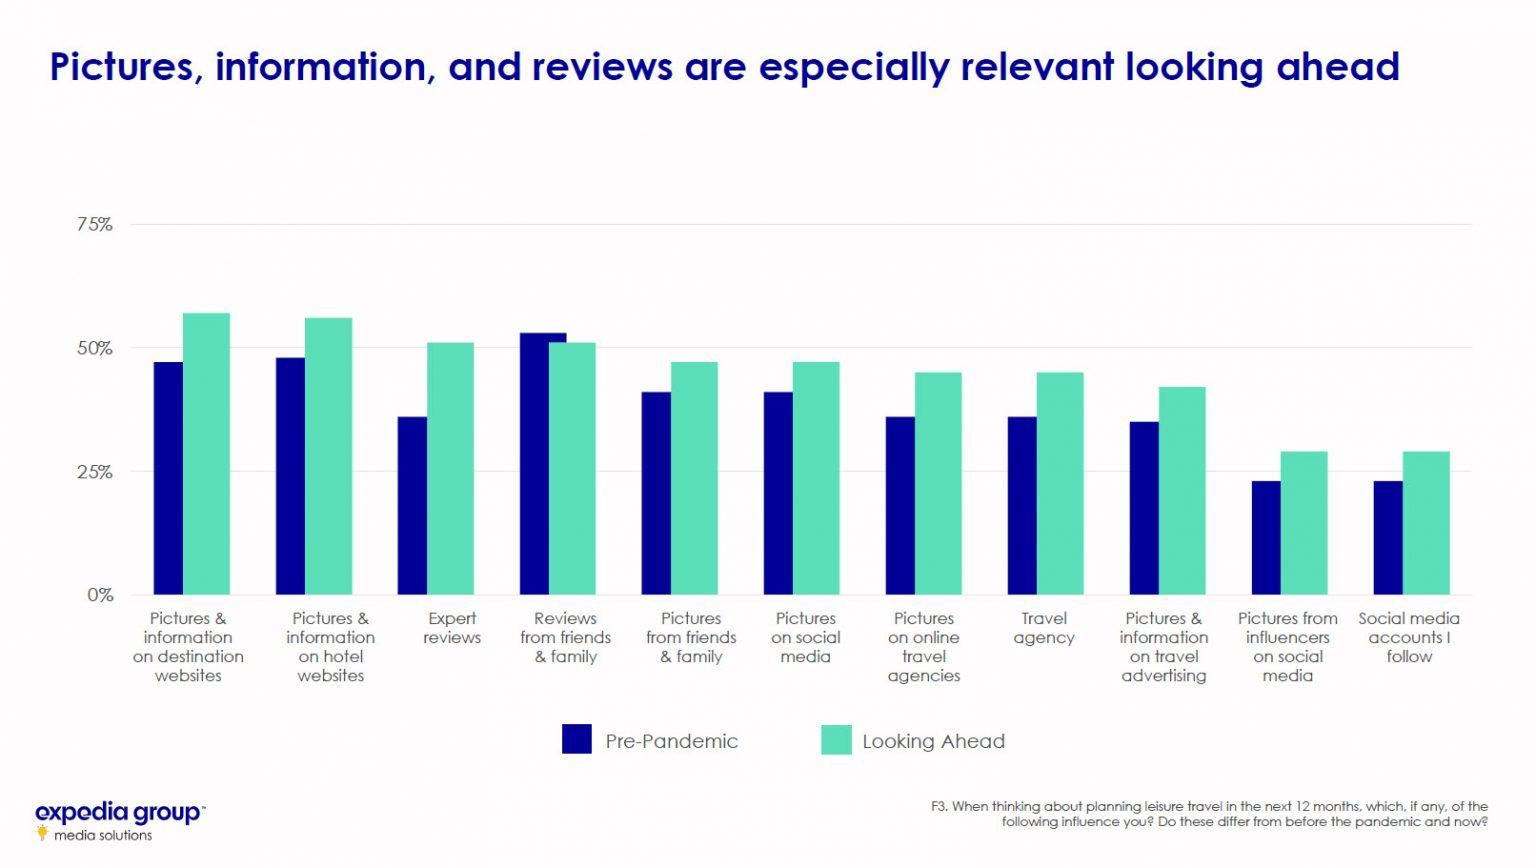 northstar final slide 50 for blog 1536x868 1 Резултати от проучването на Expedia Group- как се променя поведението на клиентите